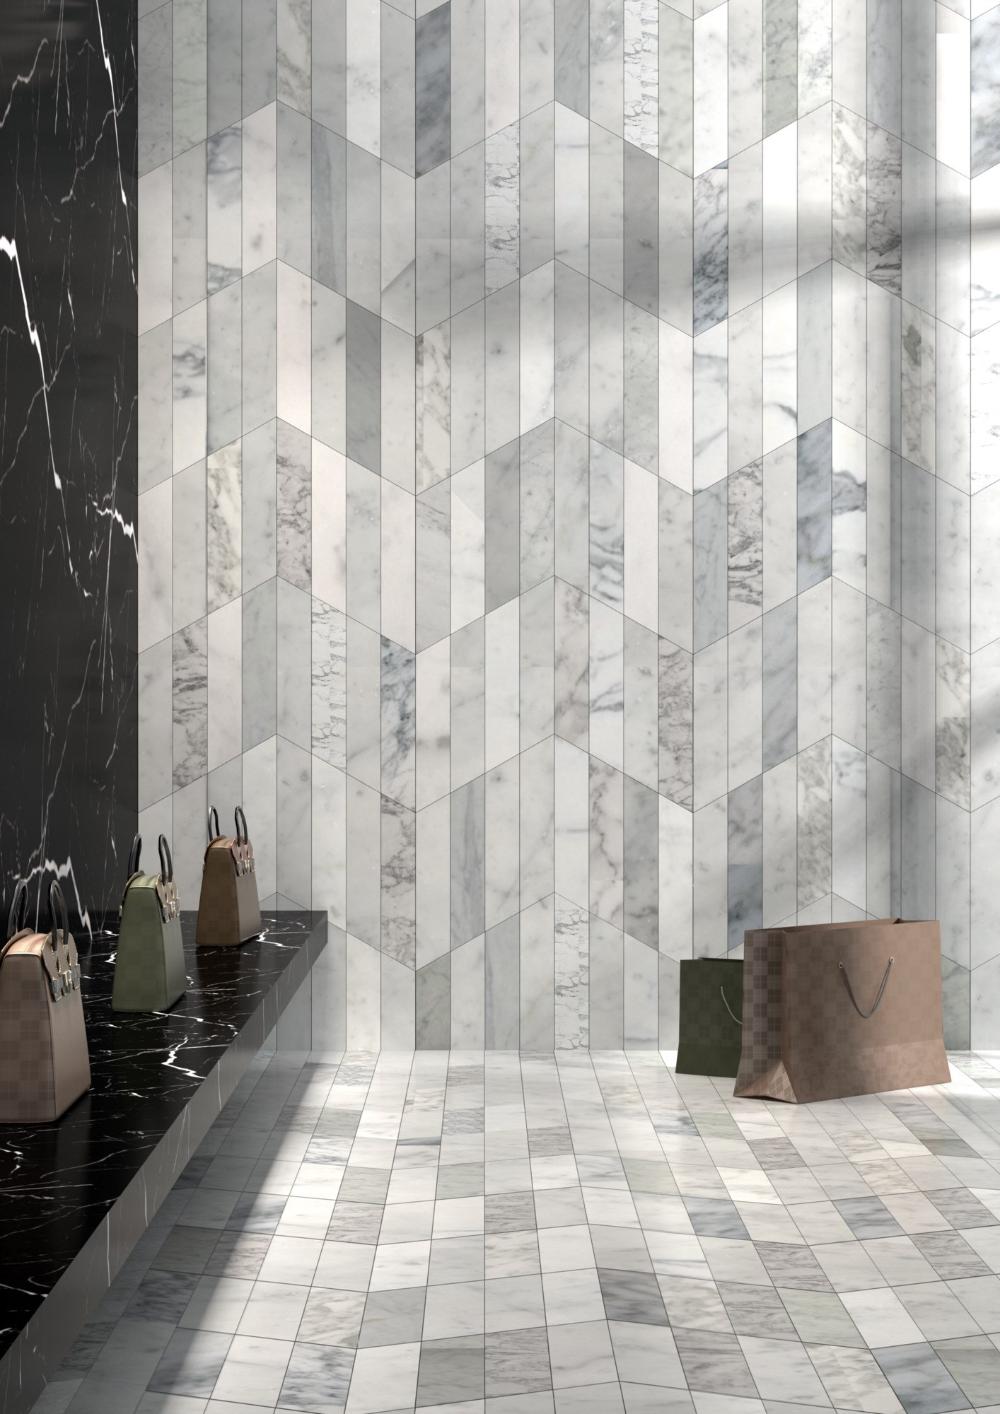 Marble Wall Floor Tiles Dedalo By Monitillo Marmi Design Claesson Koivisto Rune In 2020 Wall Tiles Design Bathroom Wall Tile Design Tile Design Pattern